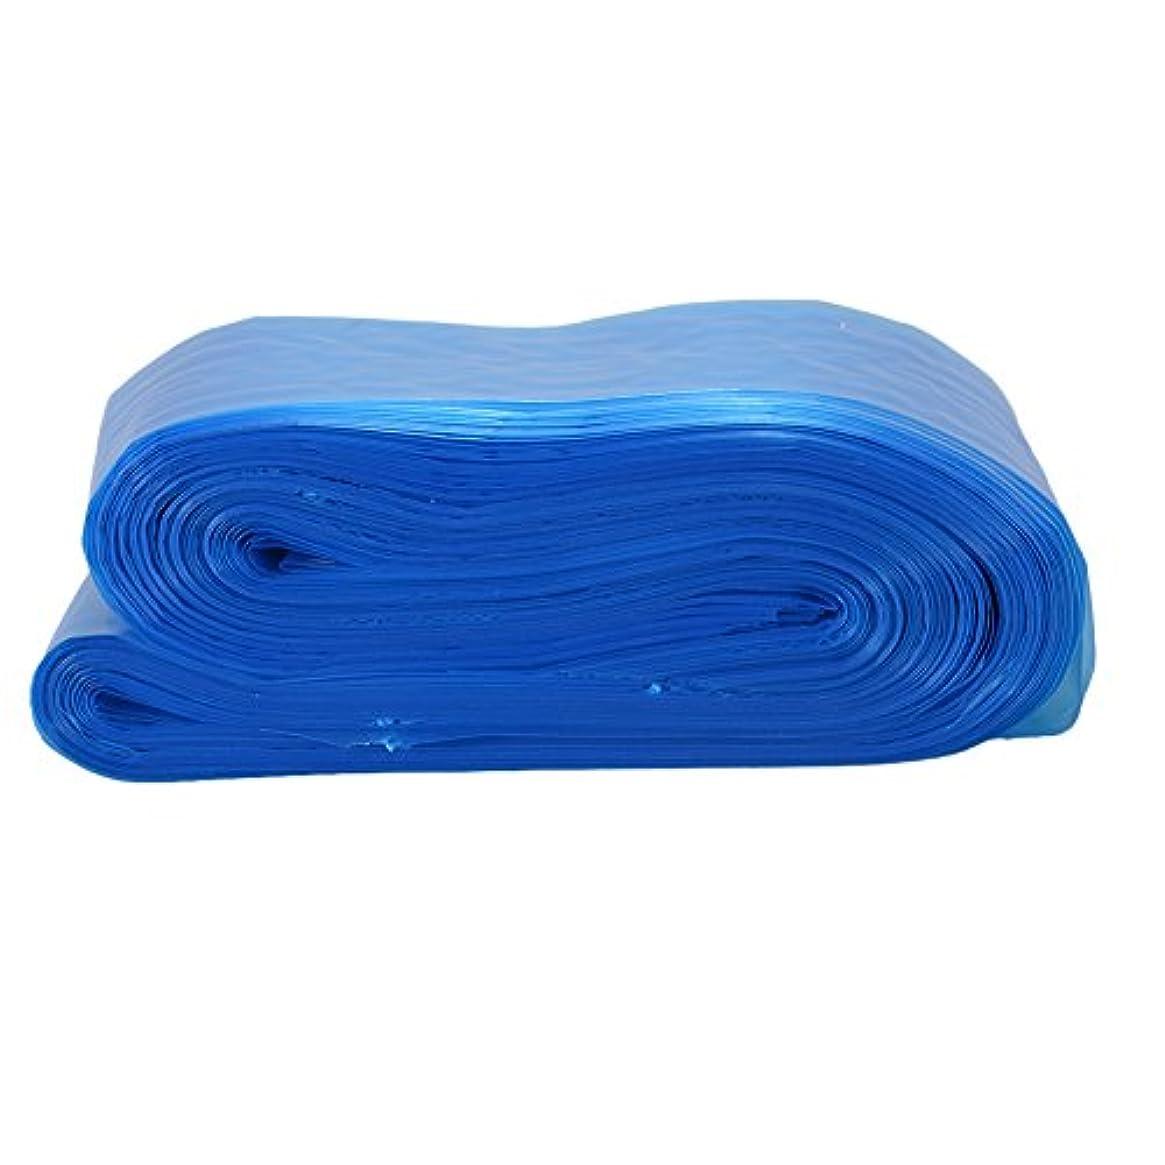 セーター栄光石のRaiFu タトゥークリップカバー バッグ タトゥーアクセサリー コード スリーブバッグ タトゥーマシンのため 使い捨て プロフェッショナル ブルー 100PCS/パック